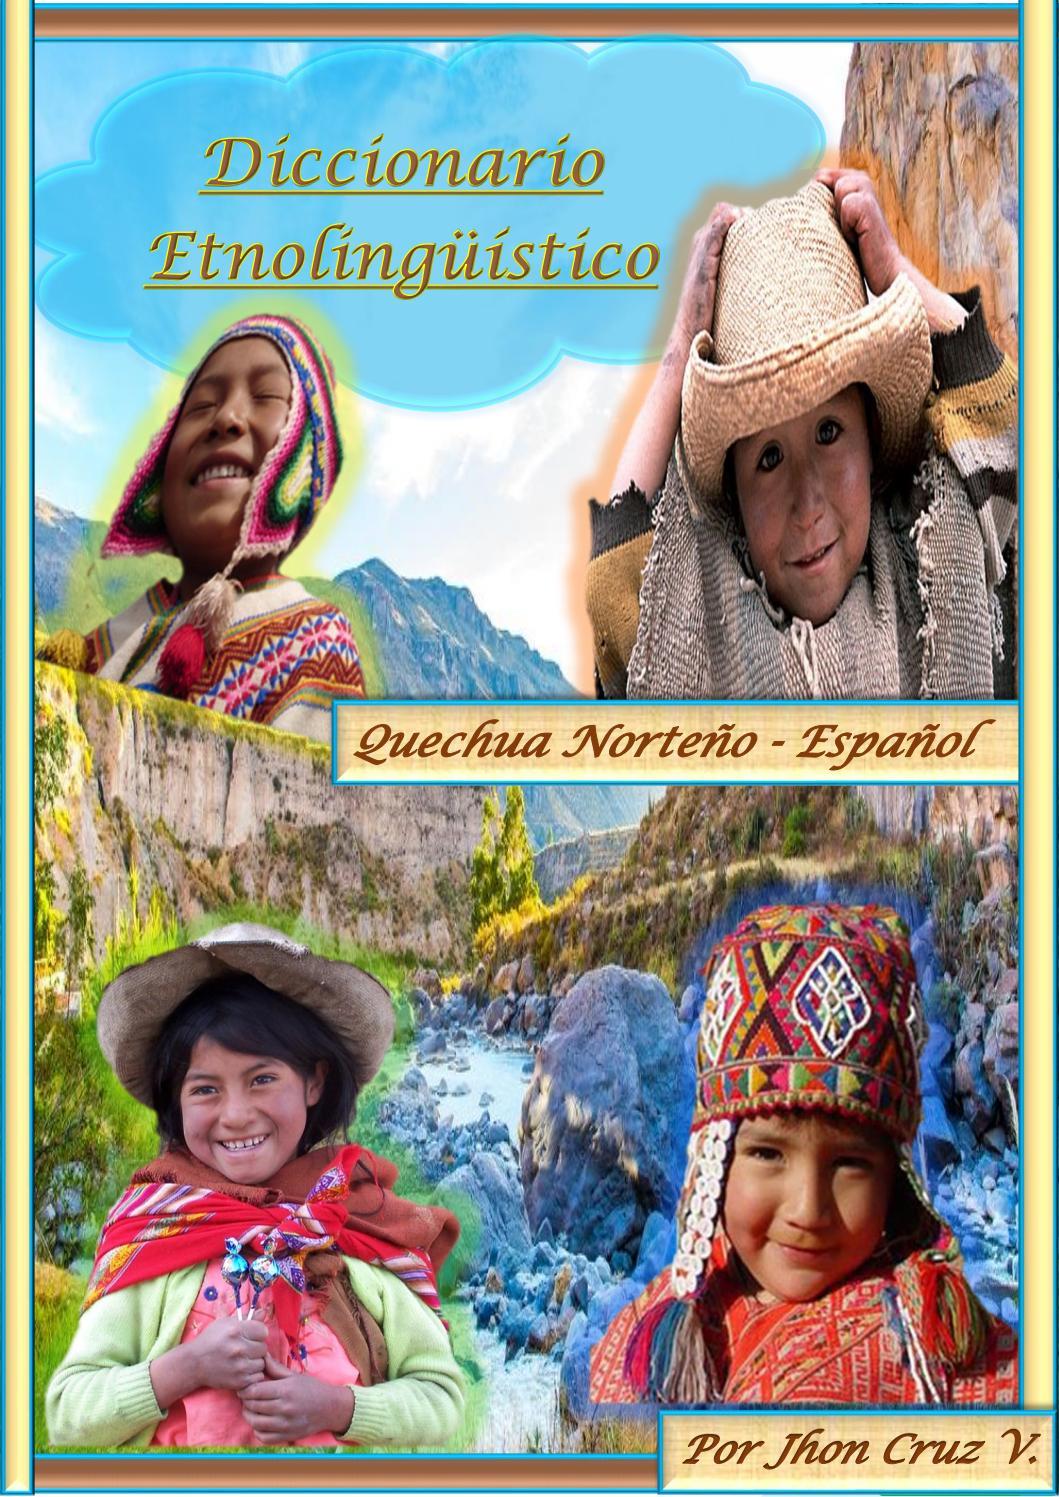 Como se dice feliz dia maestro en quechua